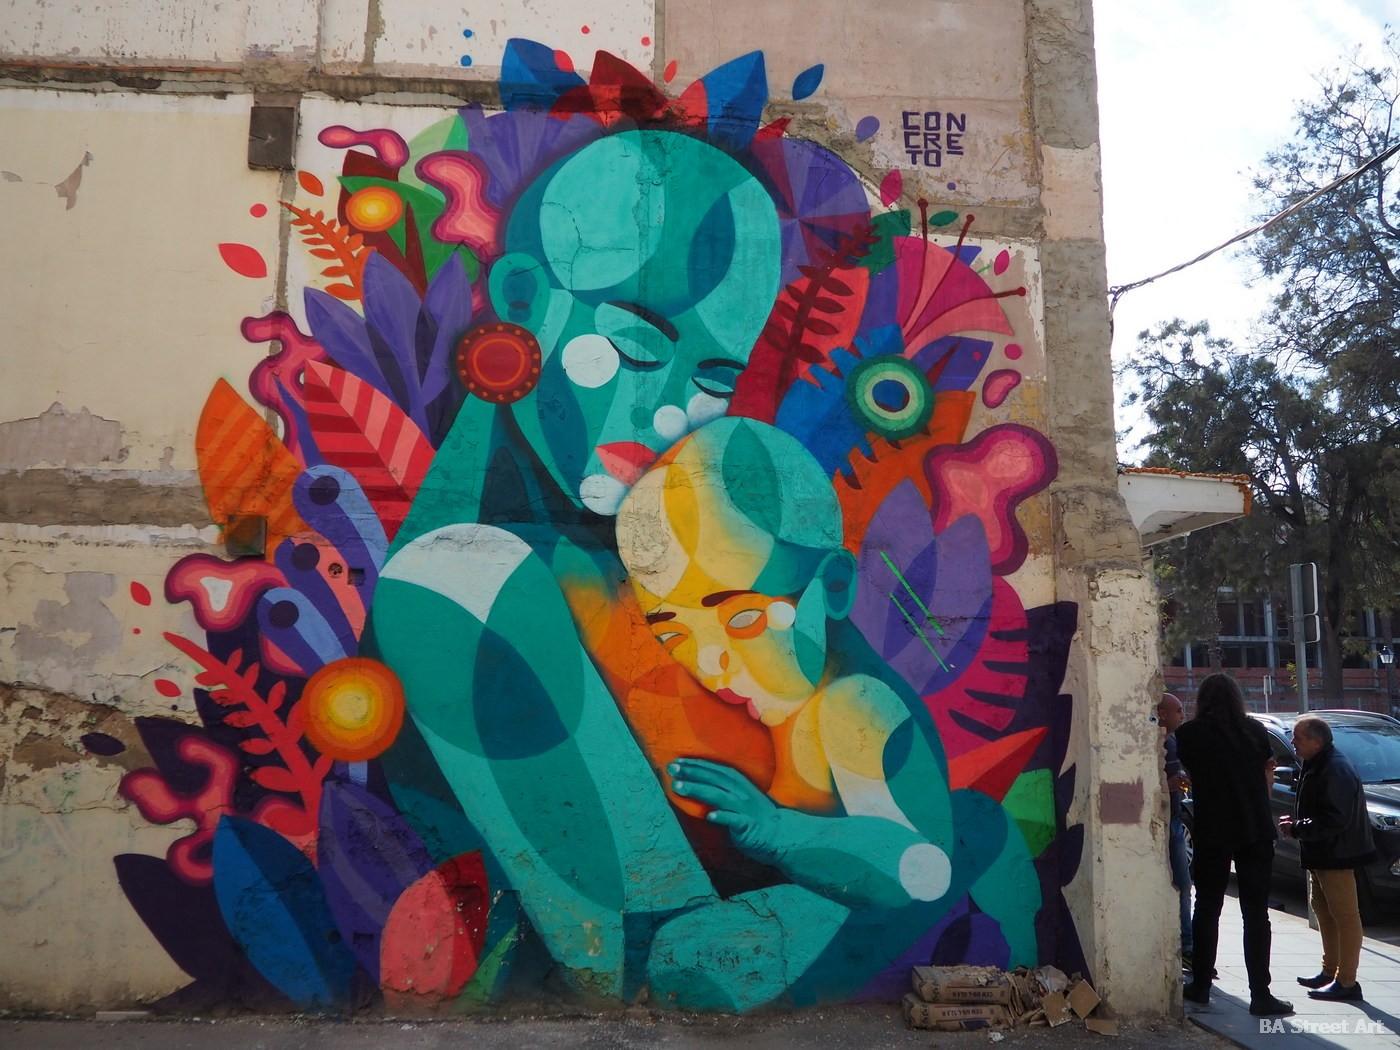 mother baby mural concreto artista fresque murais valencia street art arte urbano grafiti madre bebe españa